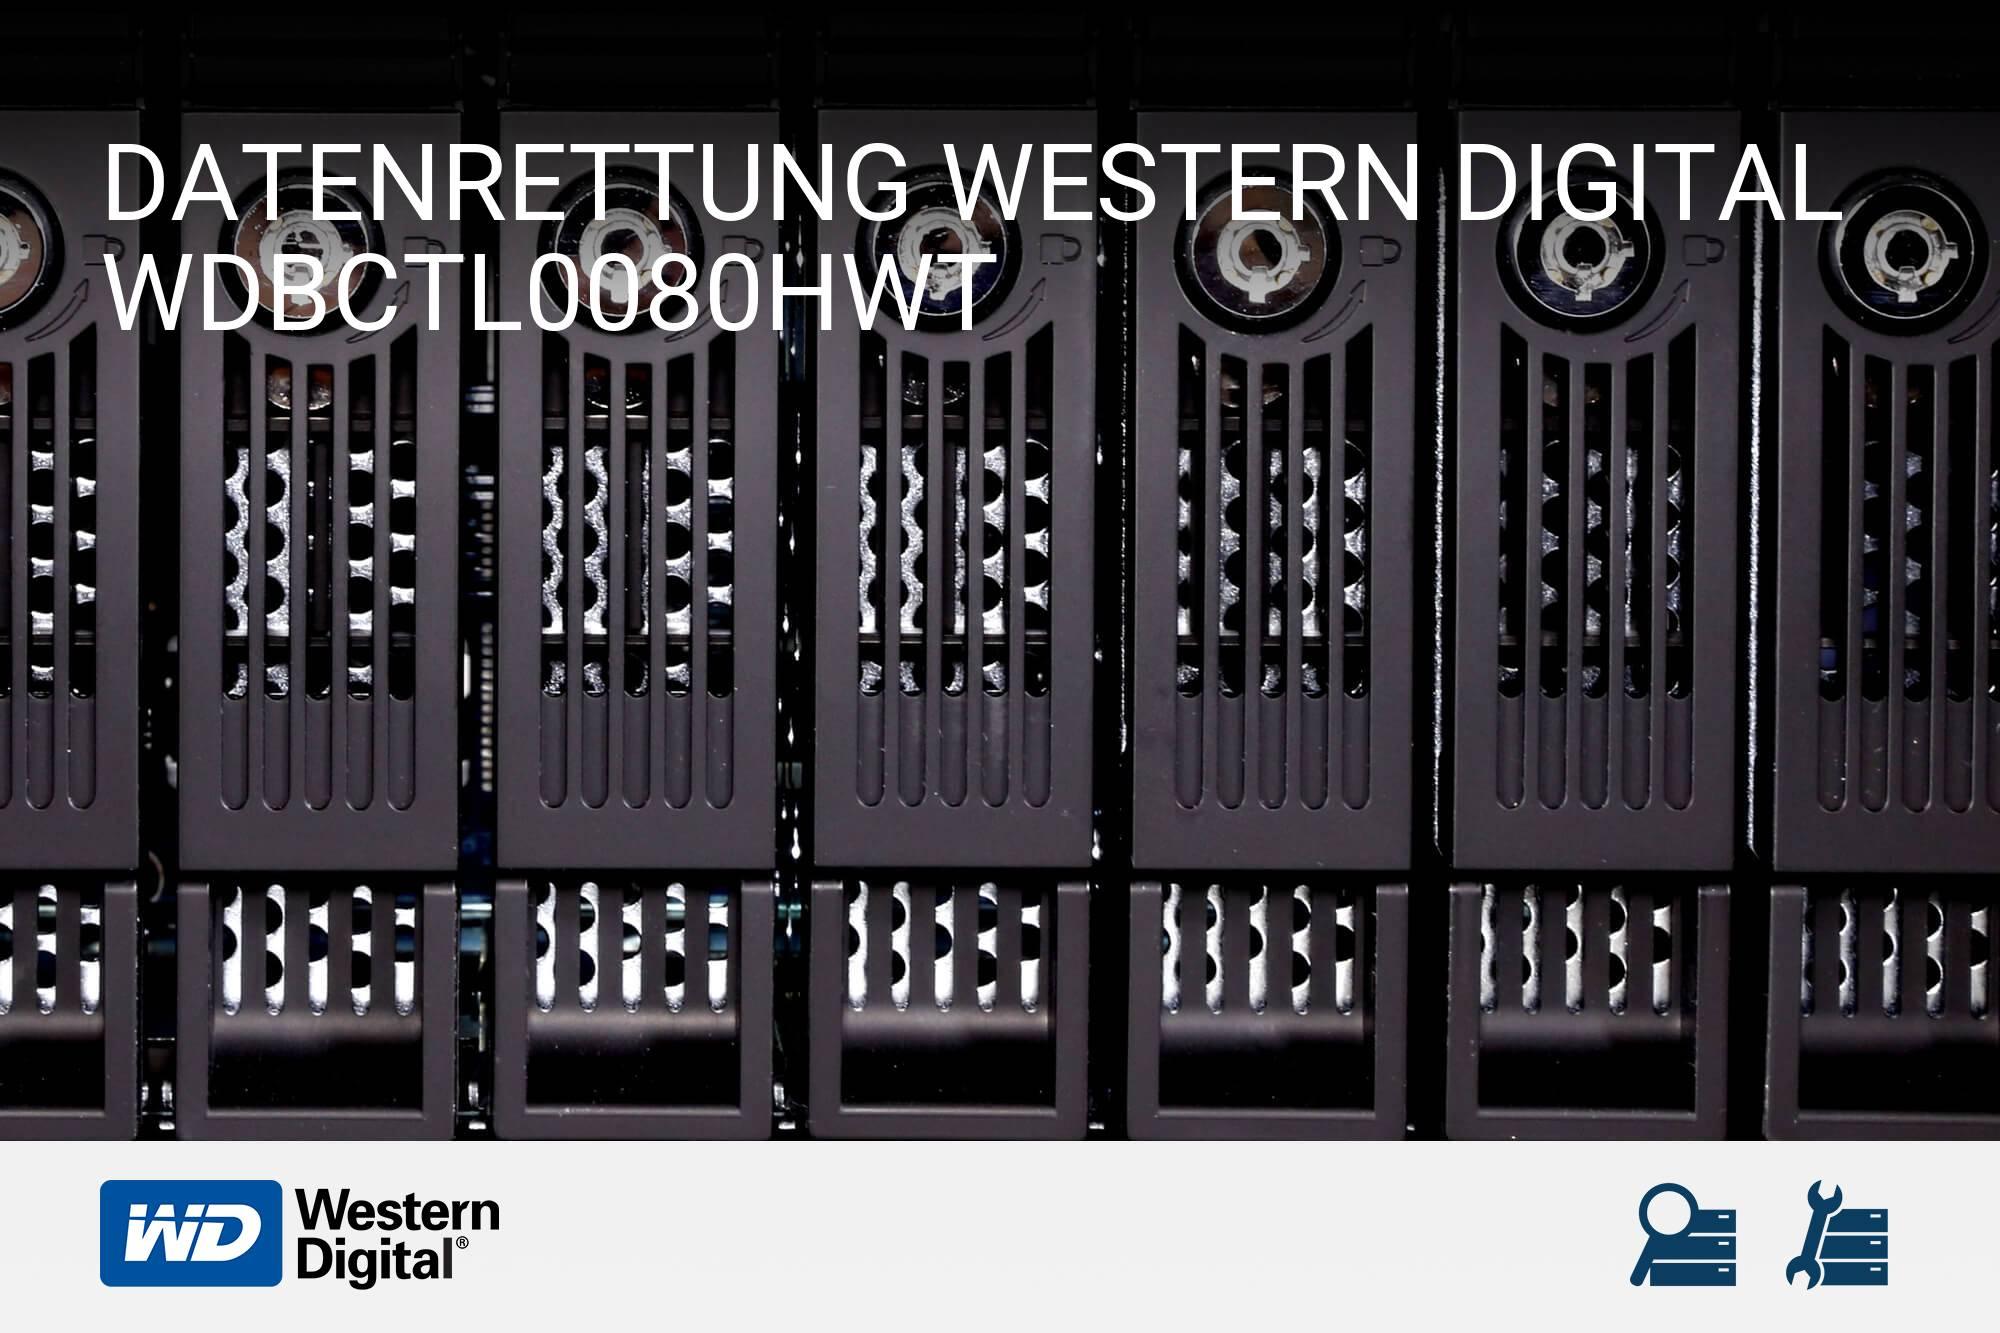 Western Digital WDBCTL0080HWT